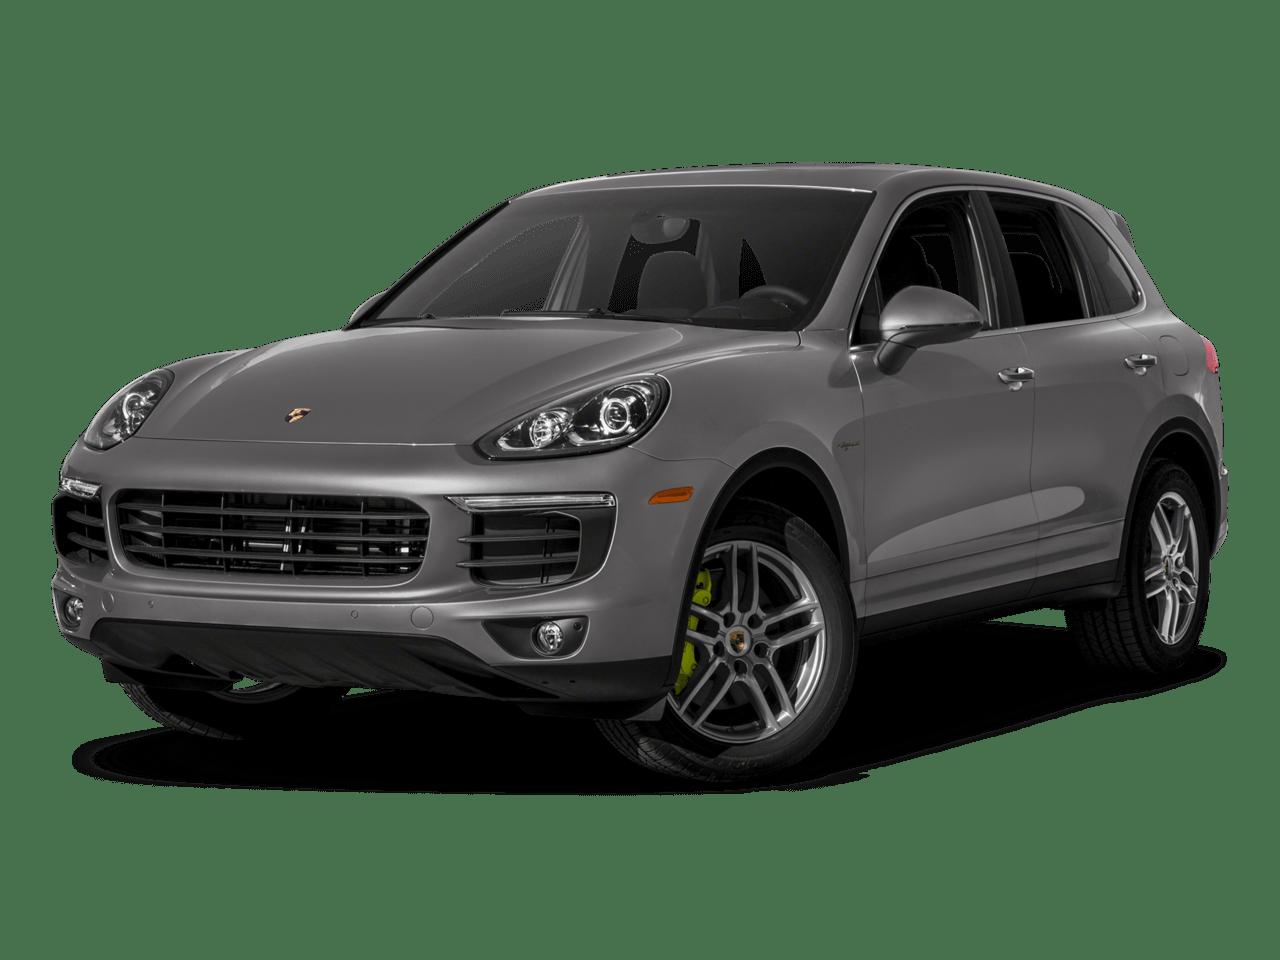 Meteor Gray Metallic - 2018 Porsche Cayenne Hybrid